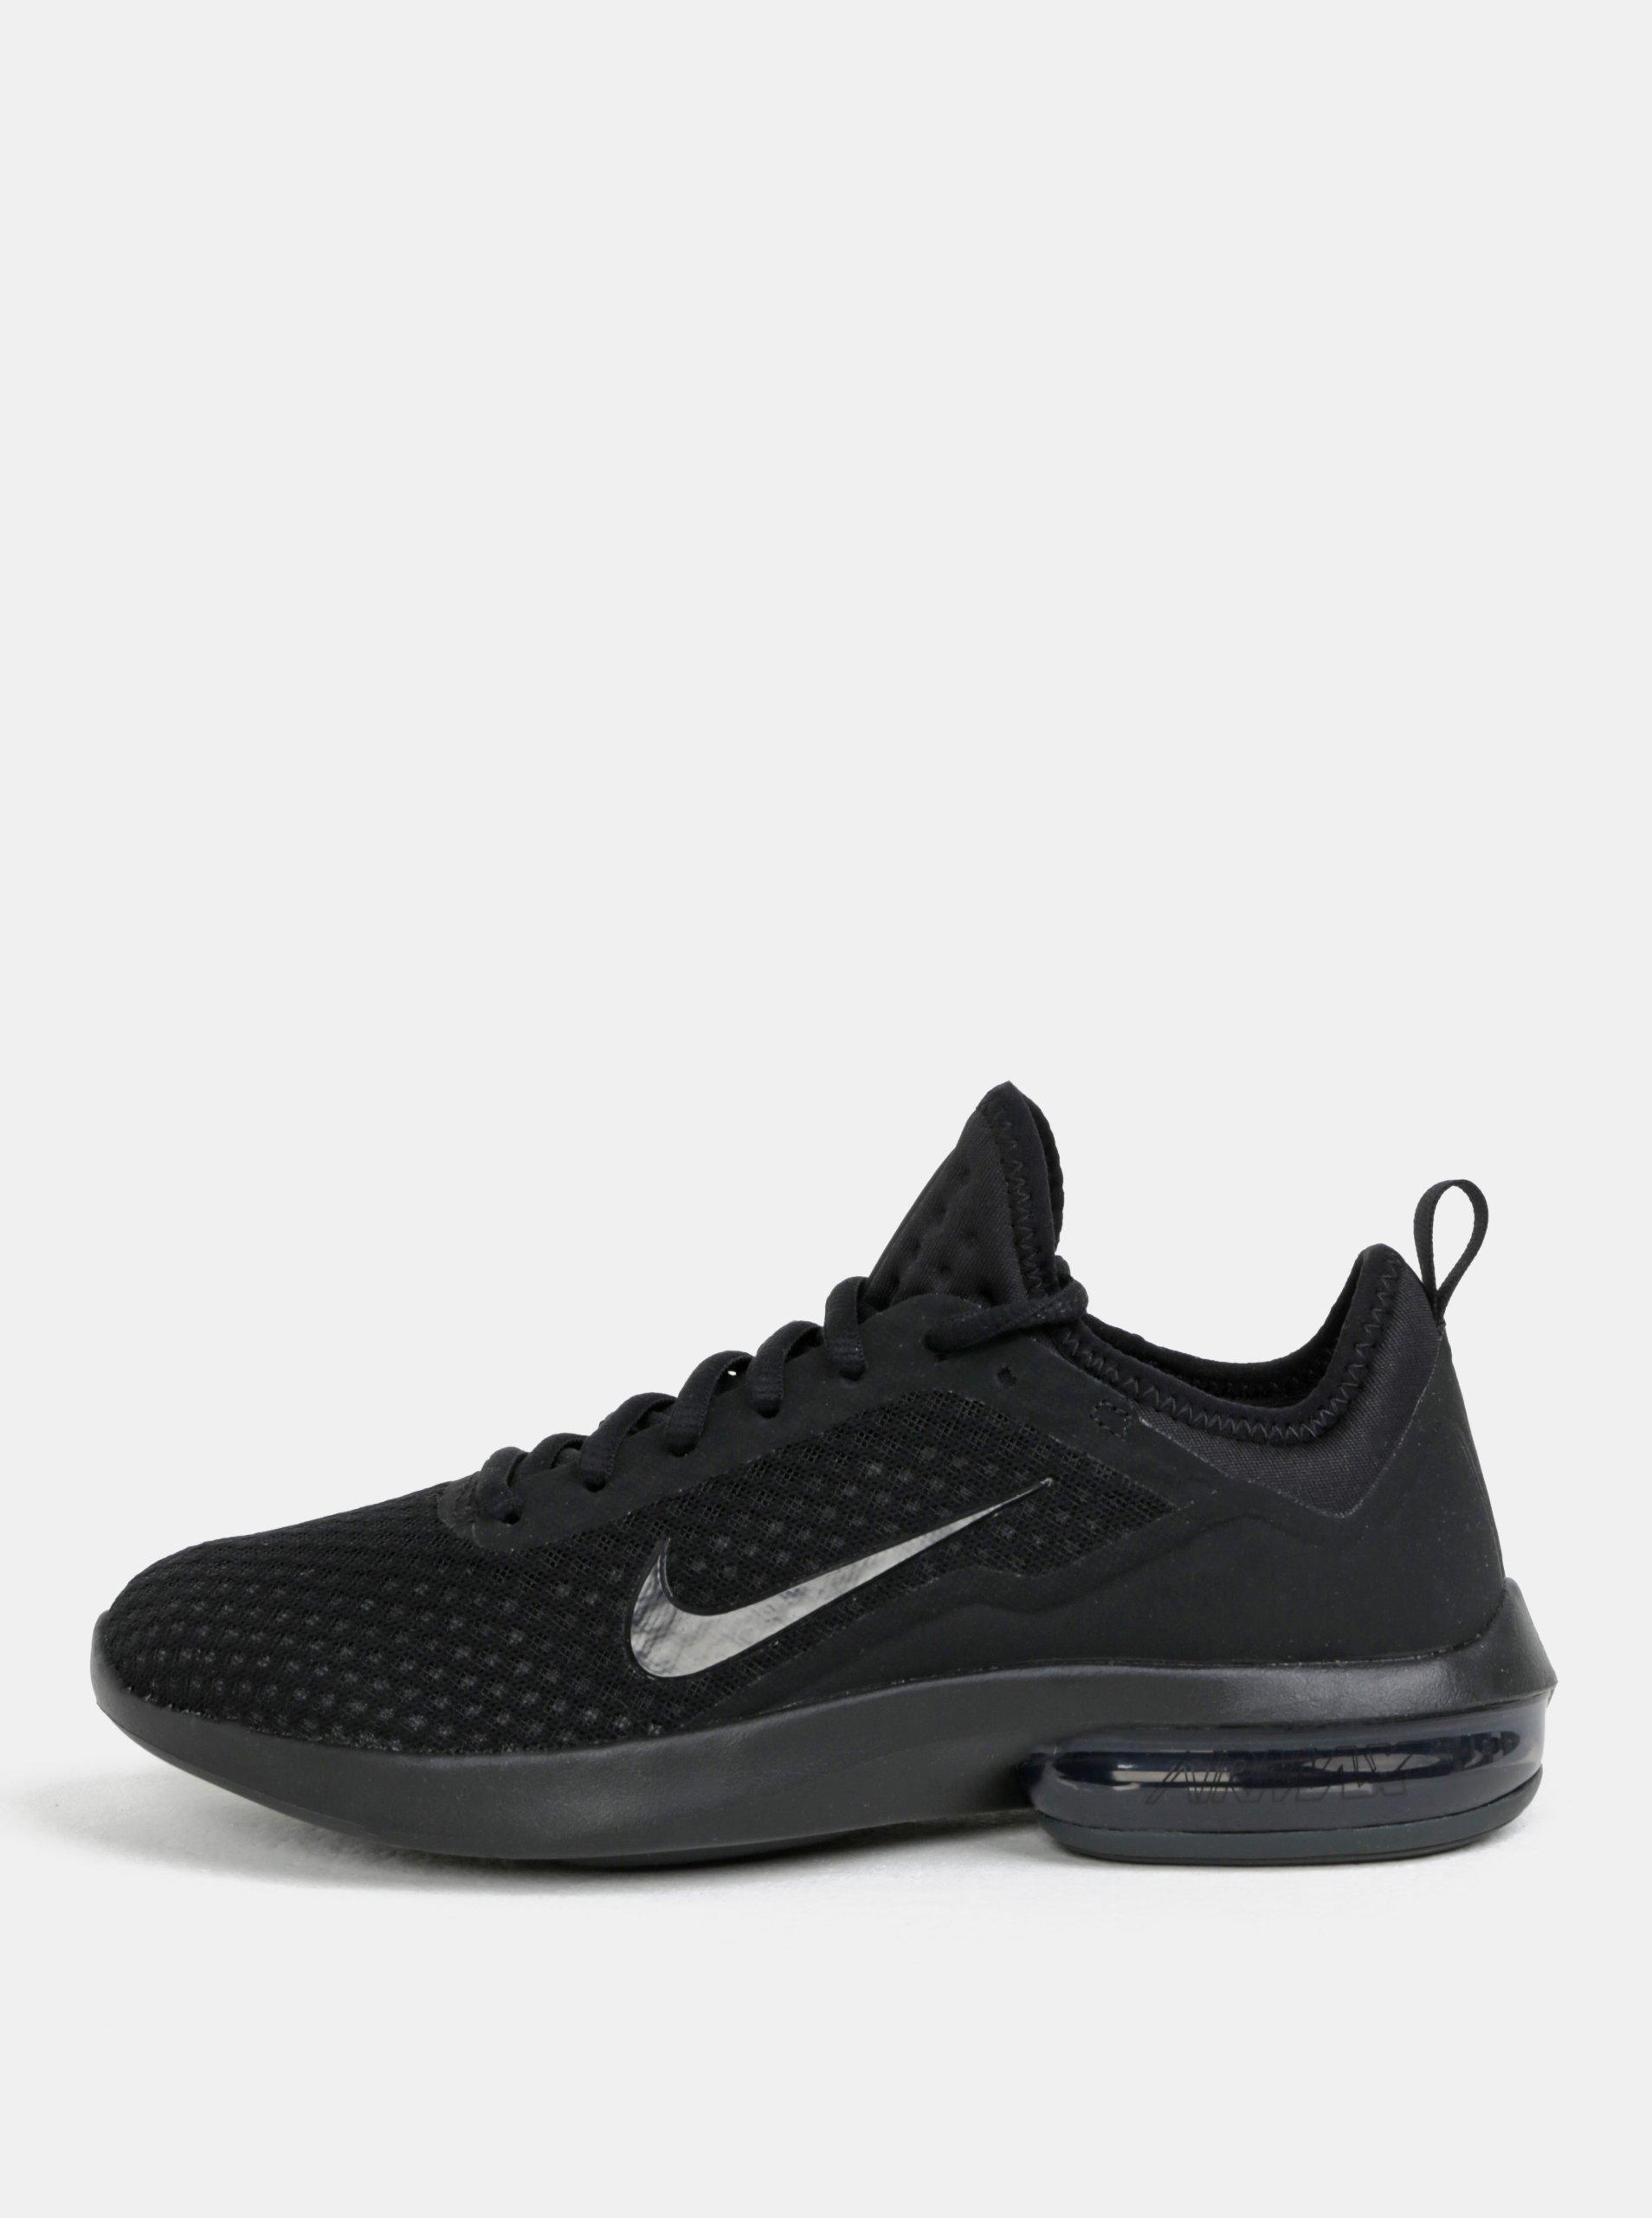 Čierne dámske tenisky Nike Air Max Kantara 7ffbf19817e